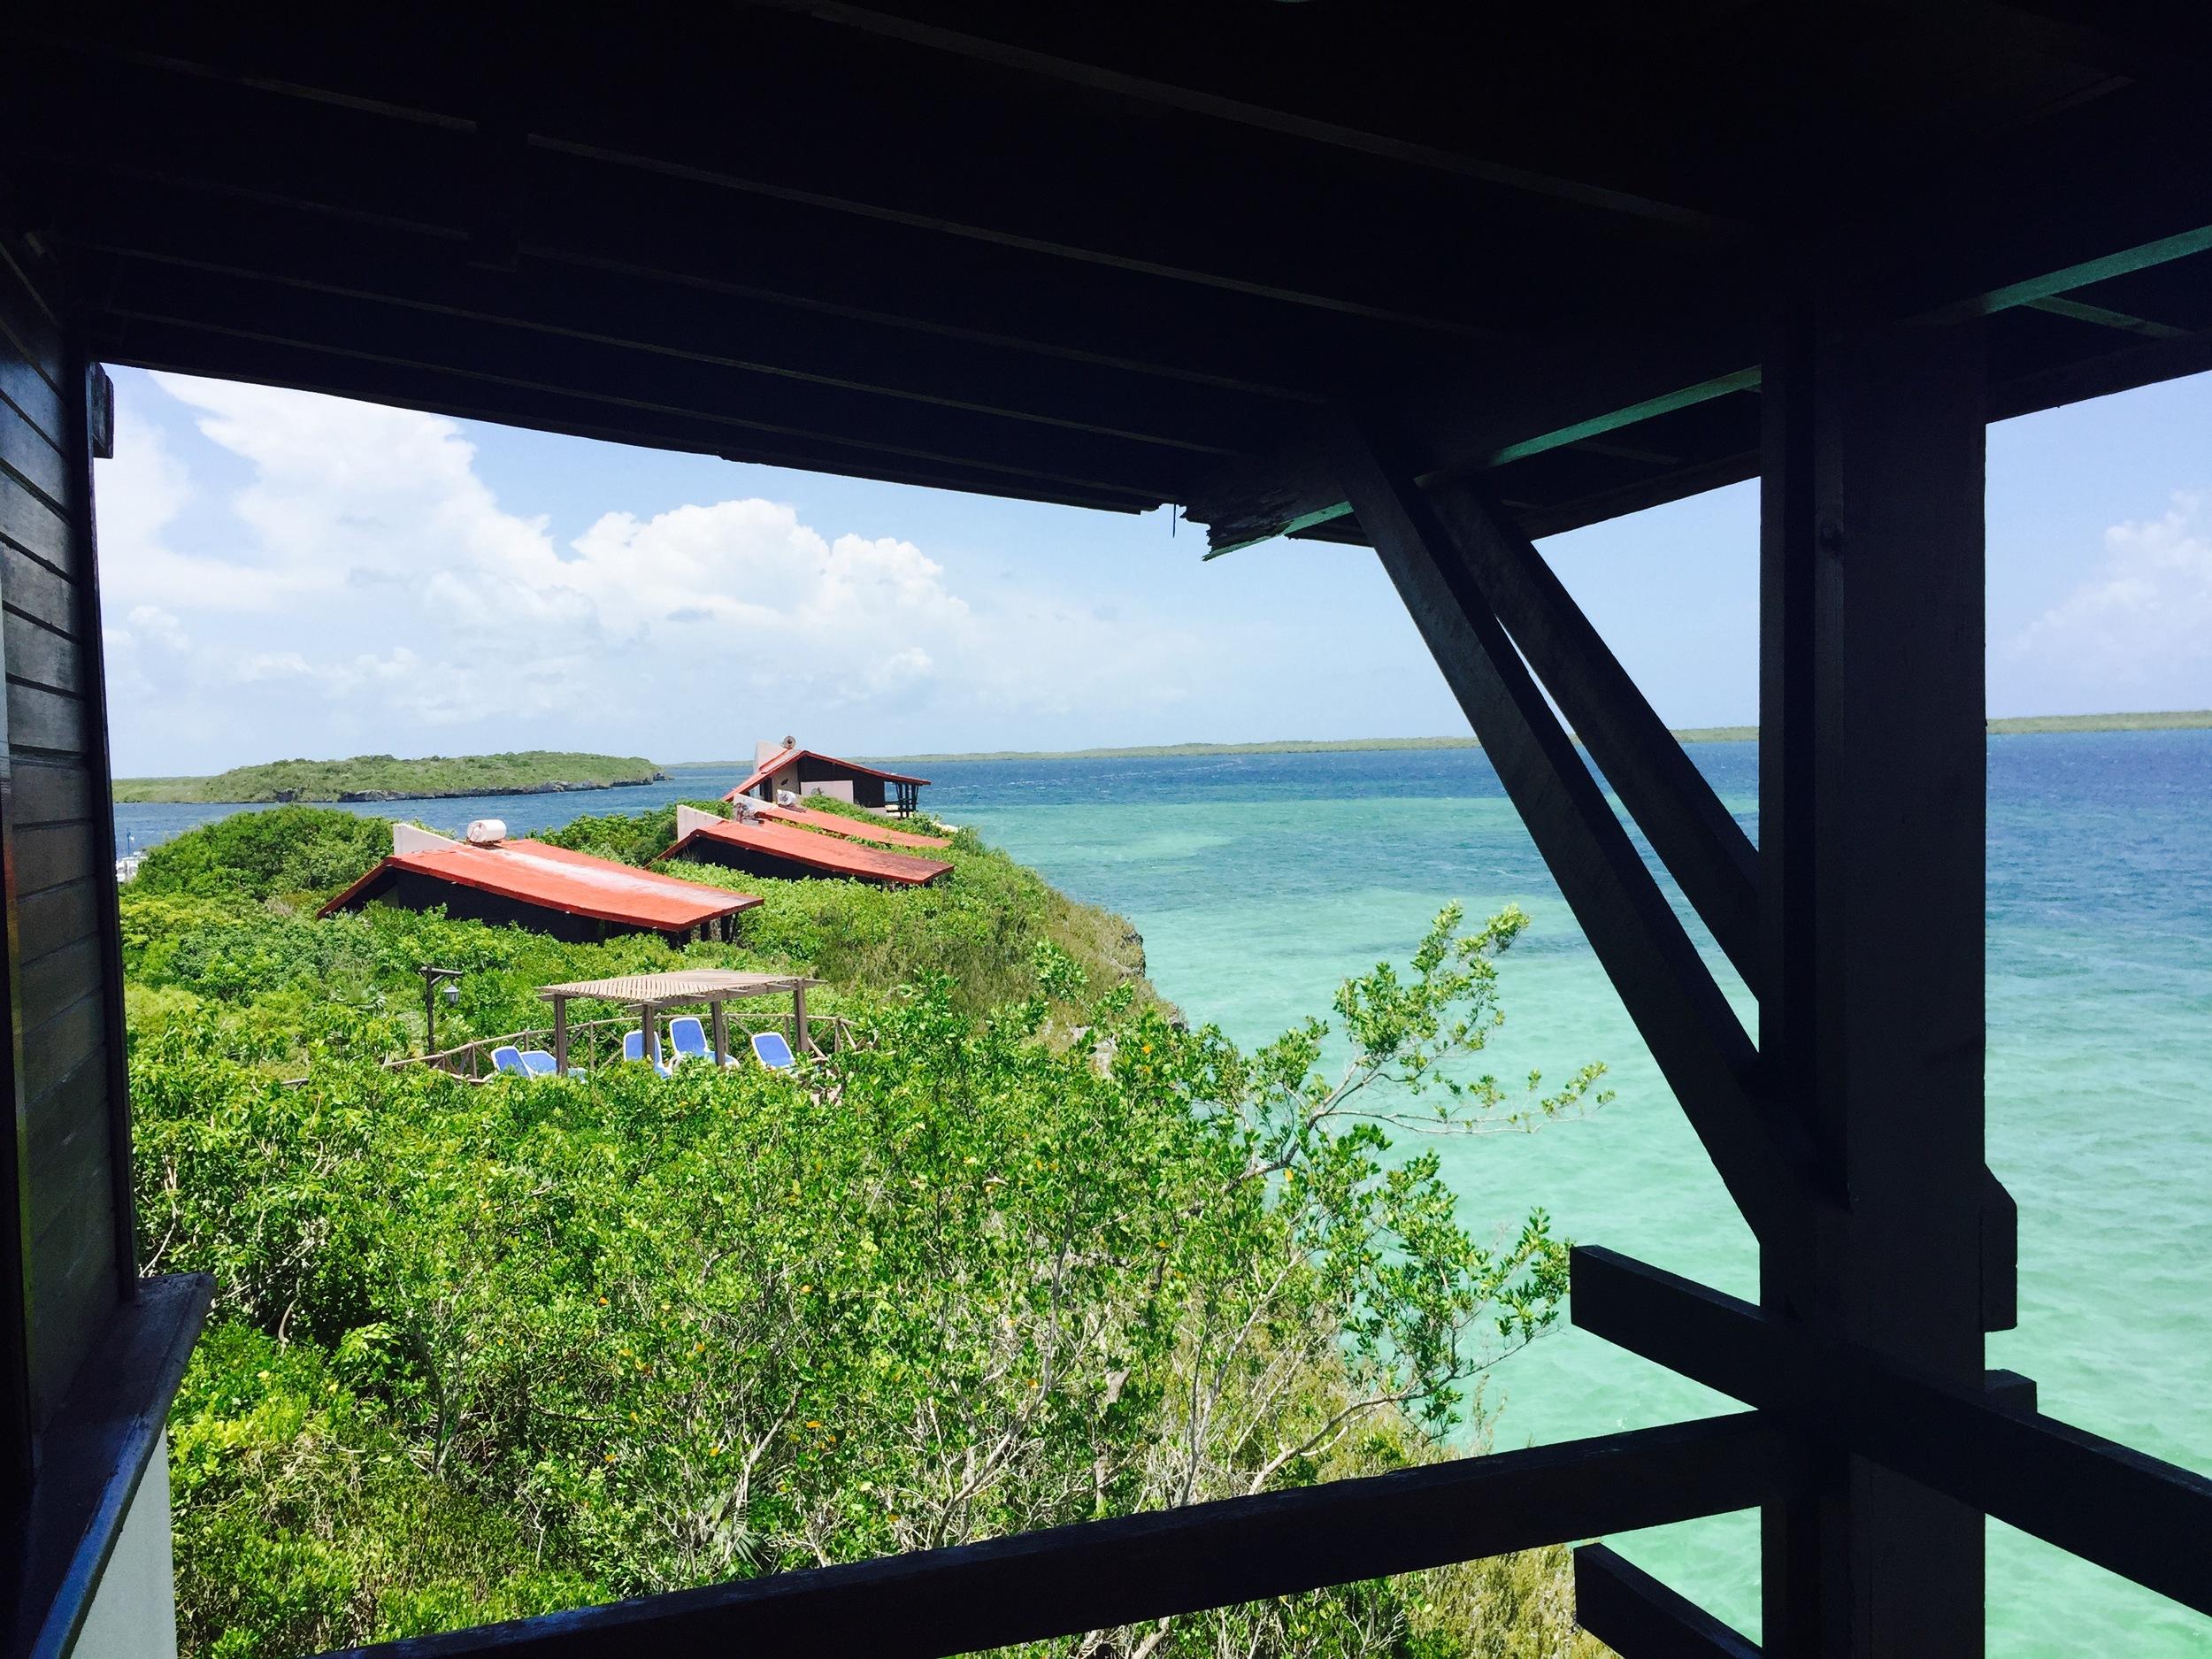 View from Villa Las Brujas, Cayo Santa Maria, Cuba